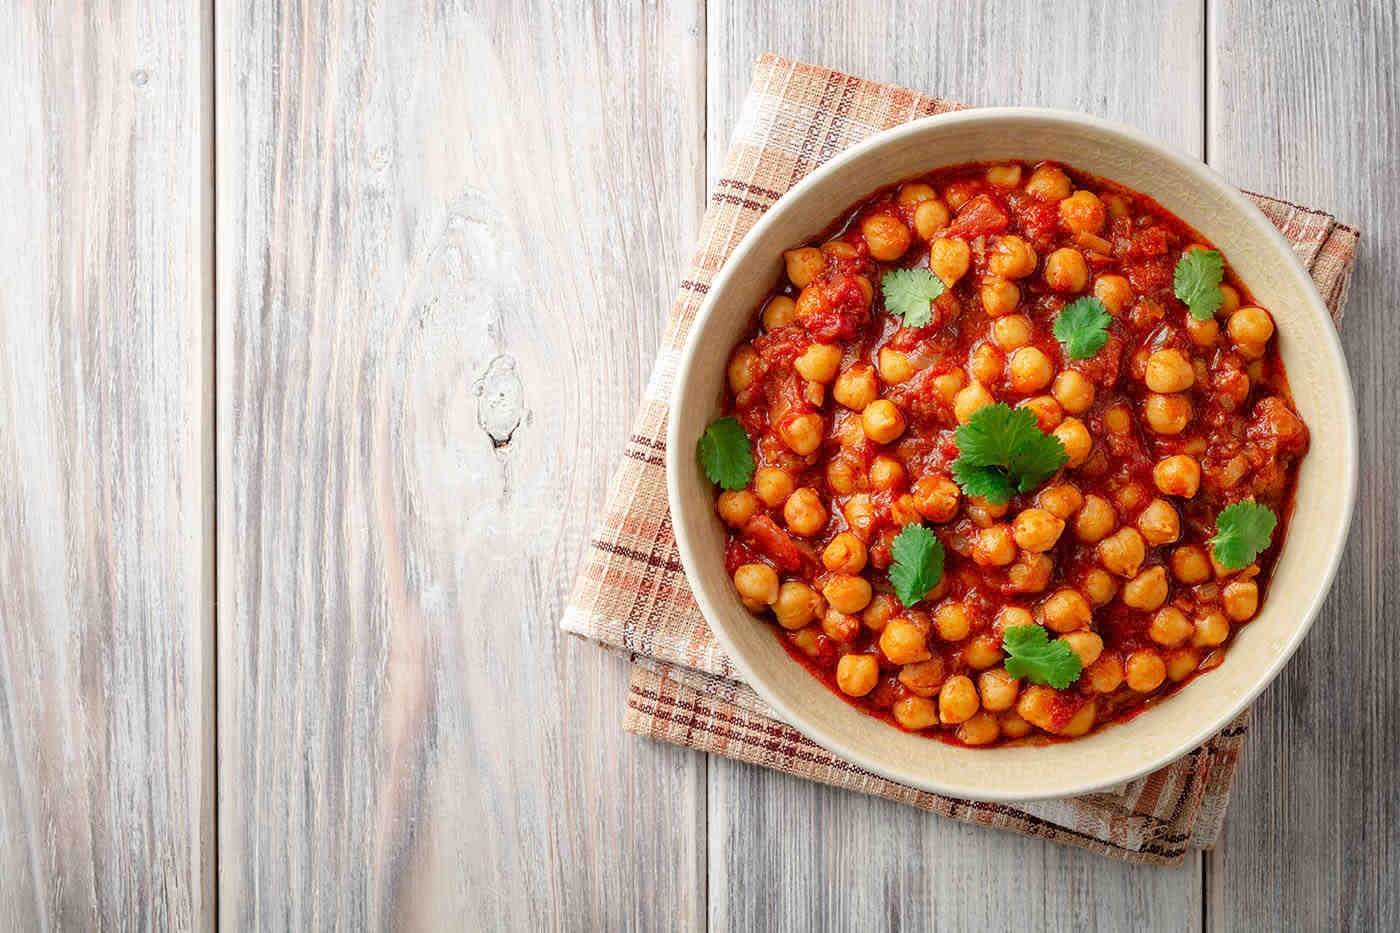 Dieta fără grăsimi sau dieta fără carbohidrați: care este mai puțin calorică?